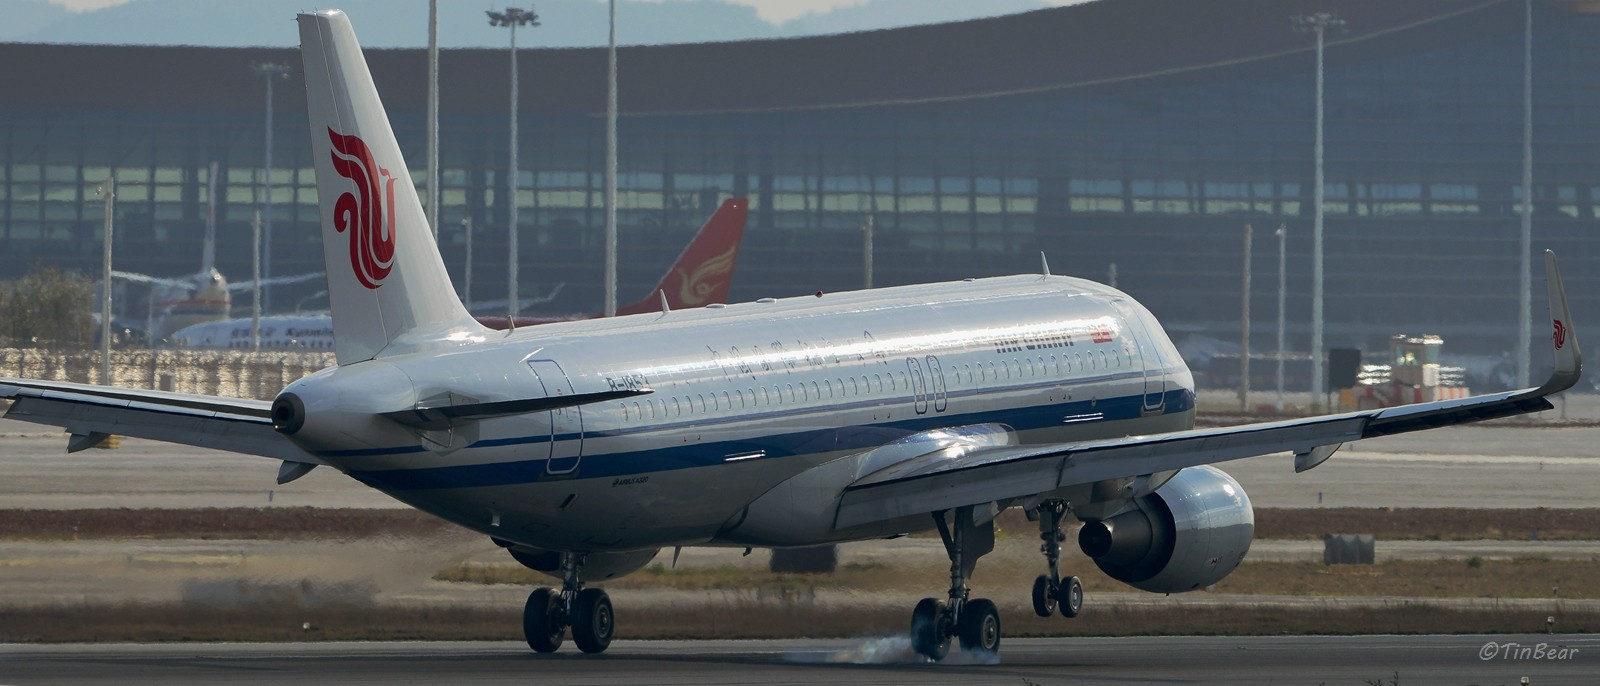 Re:[原创]【KMG】这烟,吸多了对肺不好,擦多了对轮胎不好 AIRBUS A320-200 B-1853 中国昆明长水国际机场